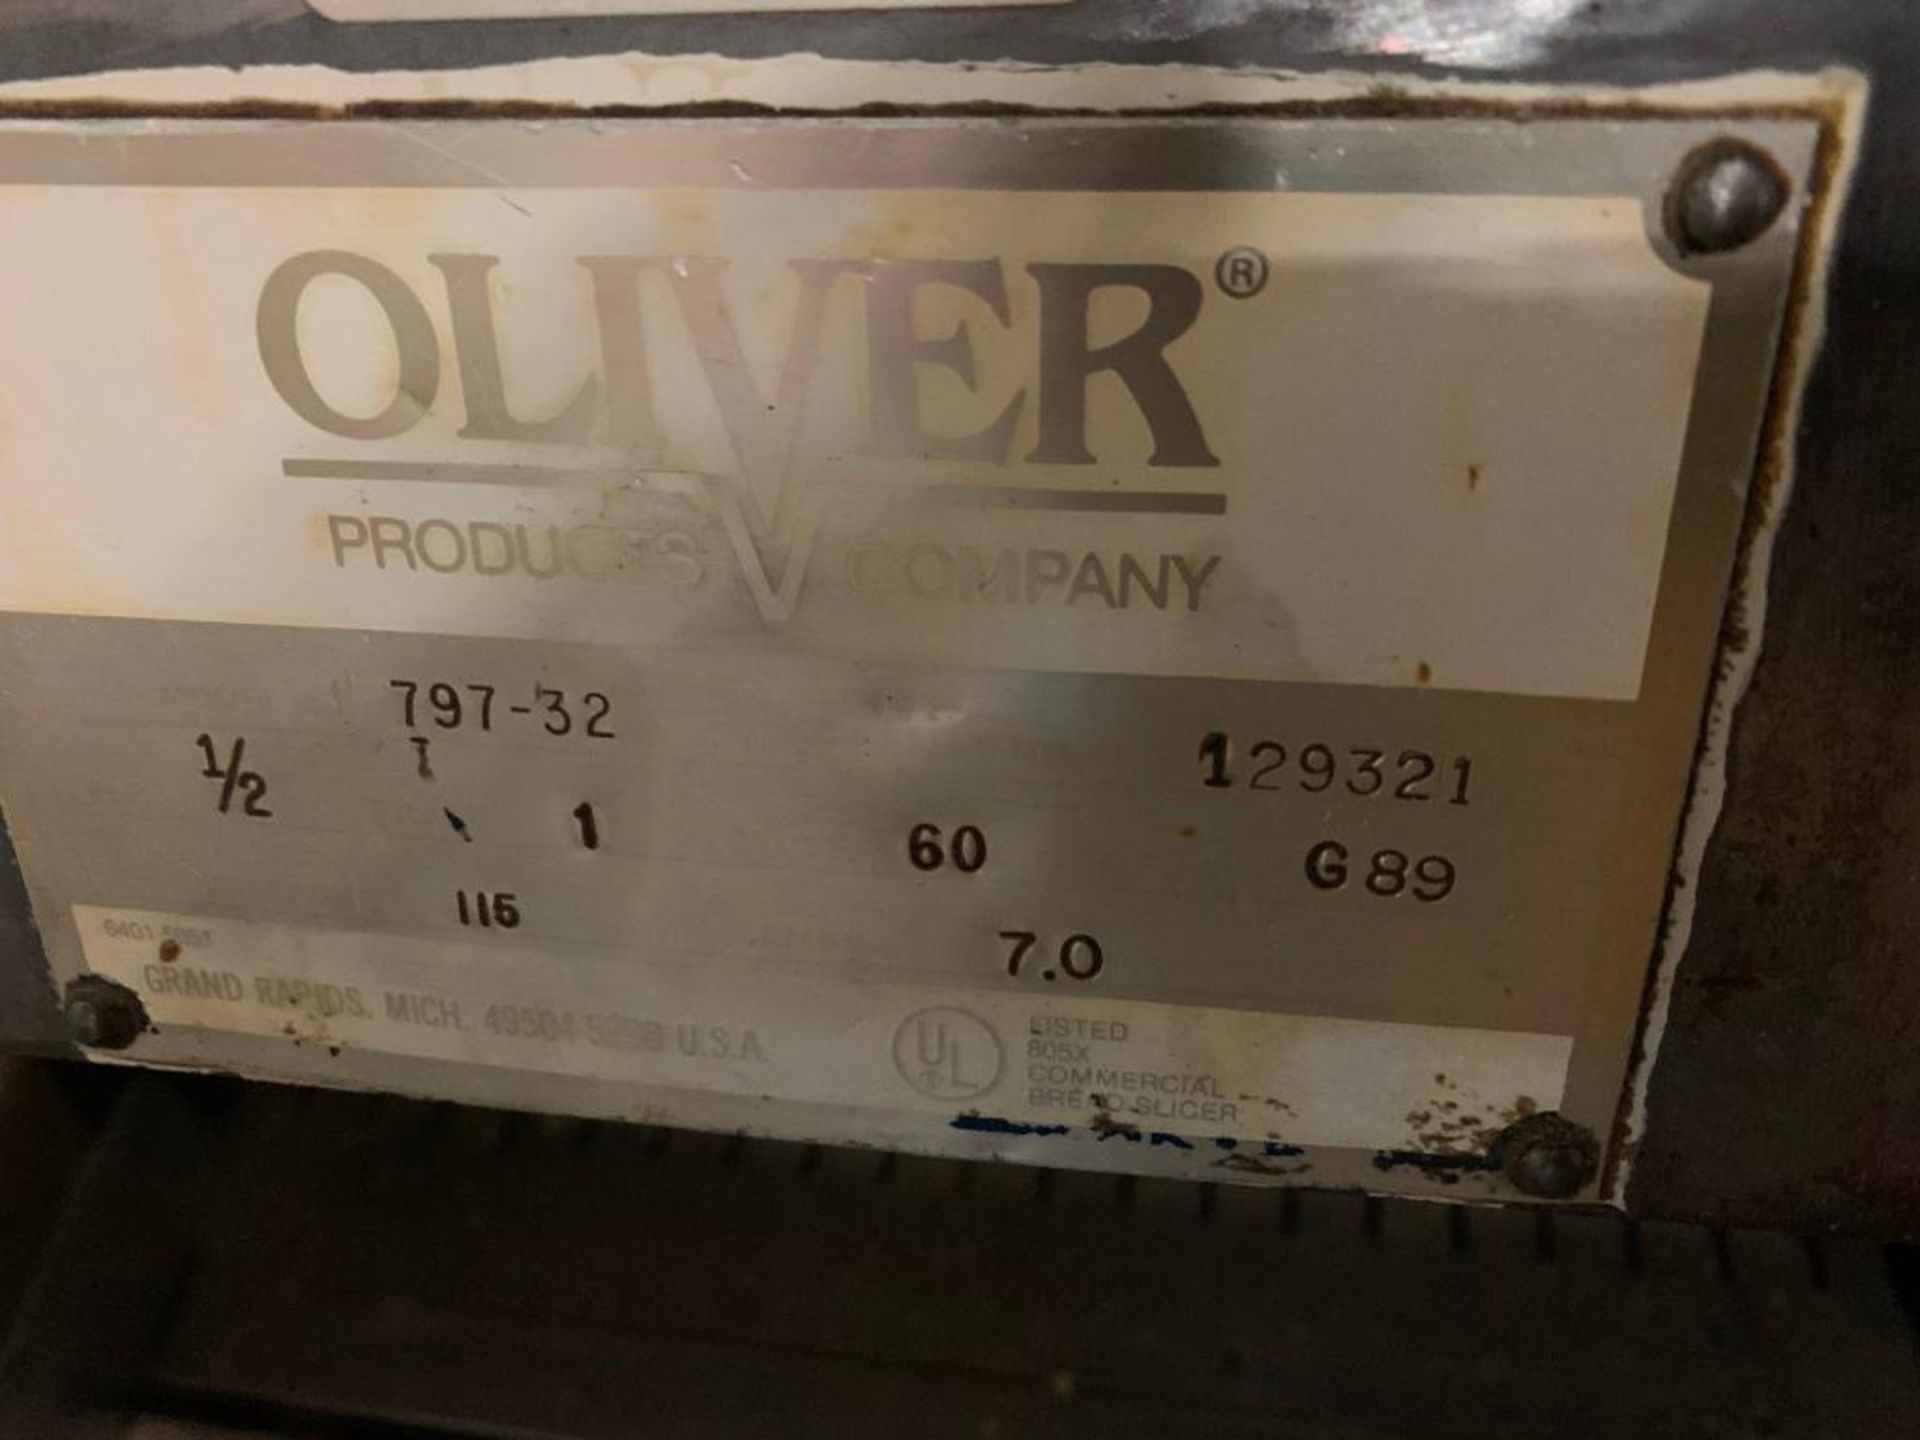 Oliver bread loaf slicer, model 797-32 - Image 4 of 5